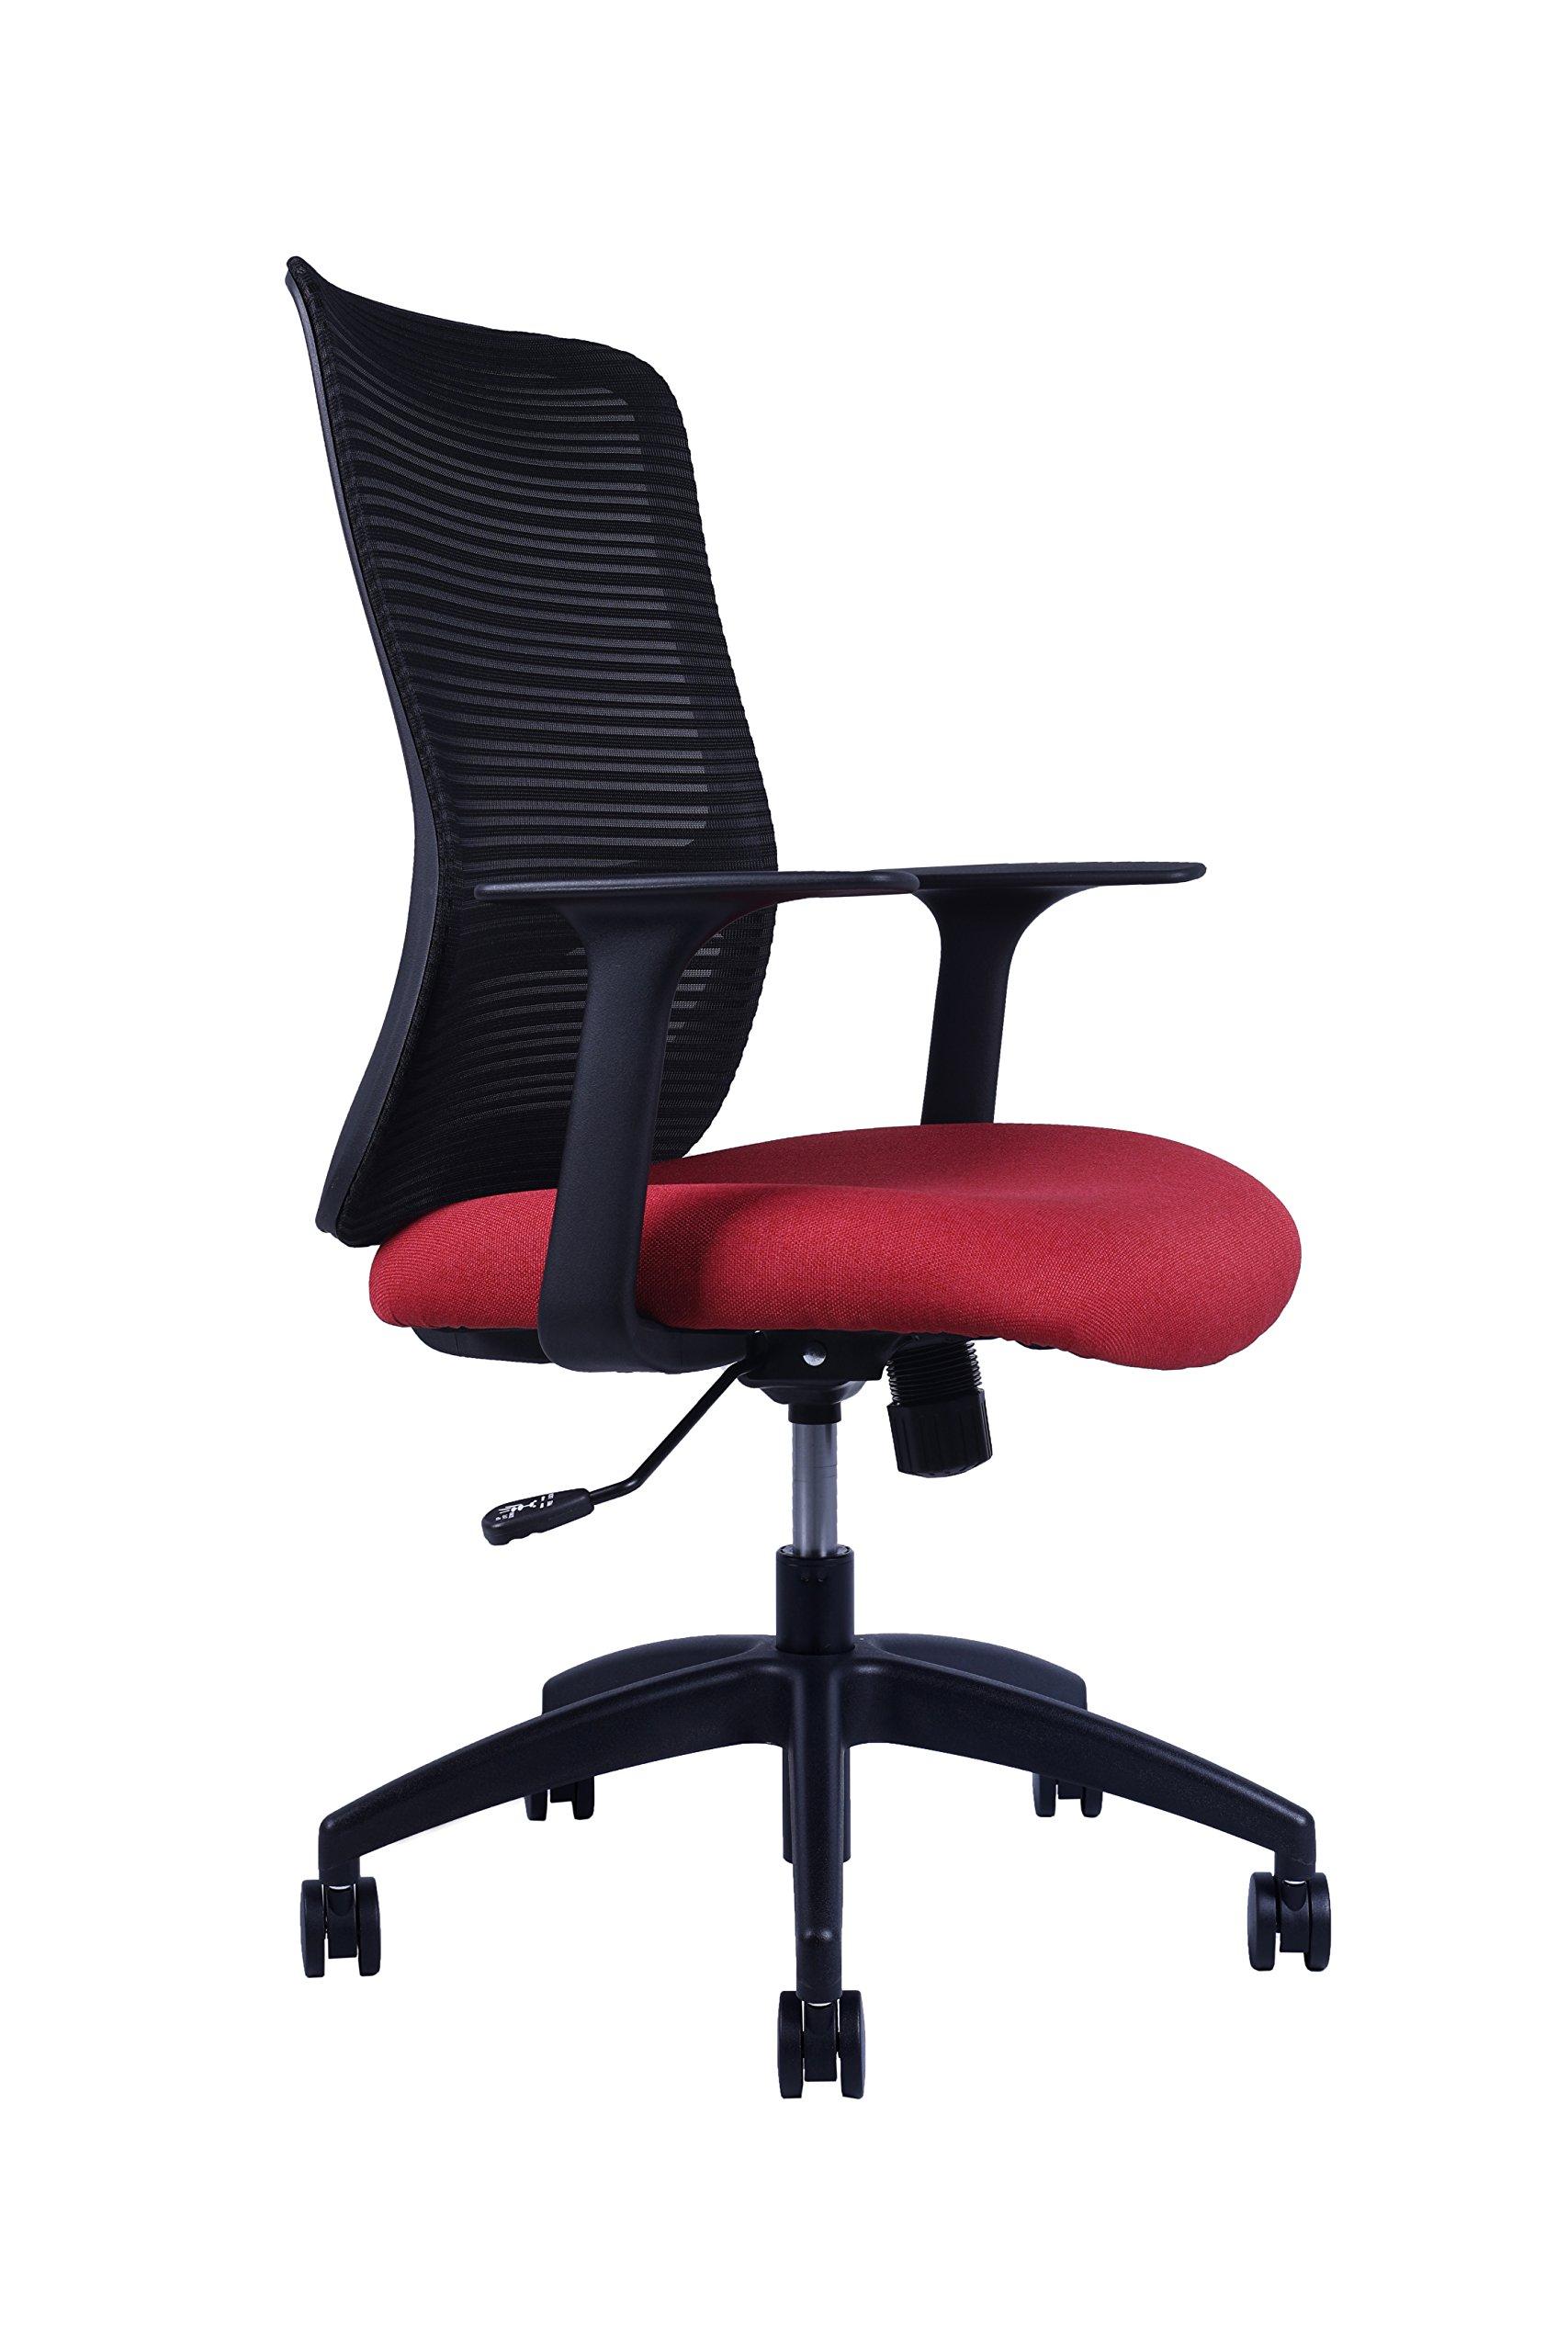 Sunon Ergonomic Mid-Back Mesh Office Desk Chairs Height Adjustable Swivel Task Chair(Black & Red)